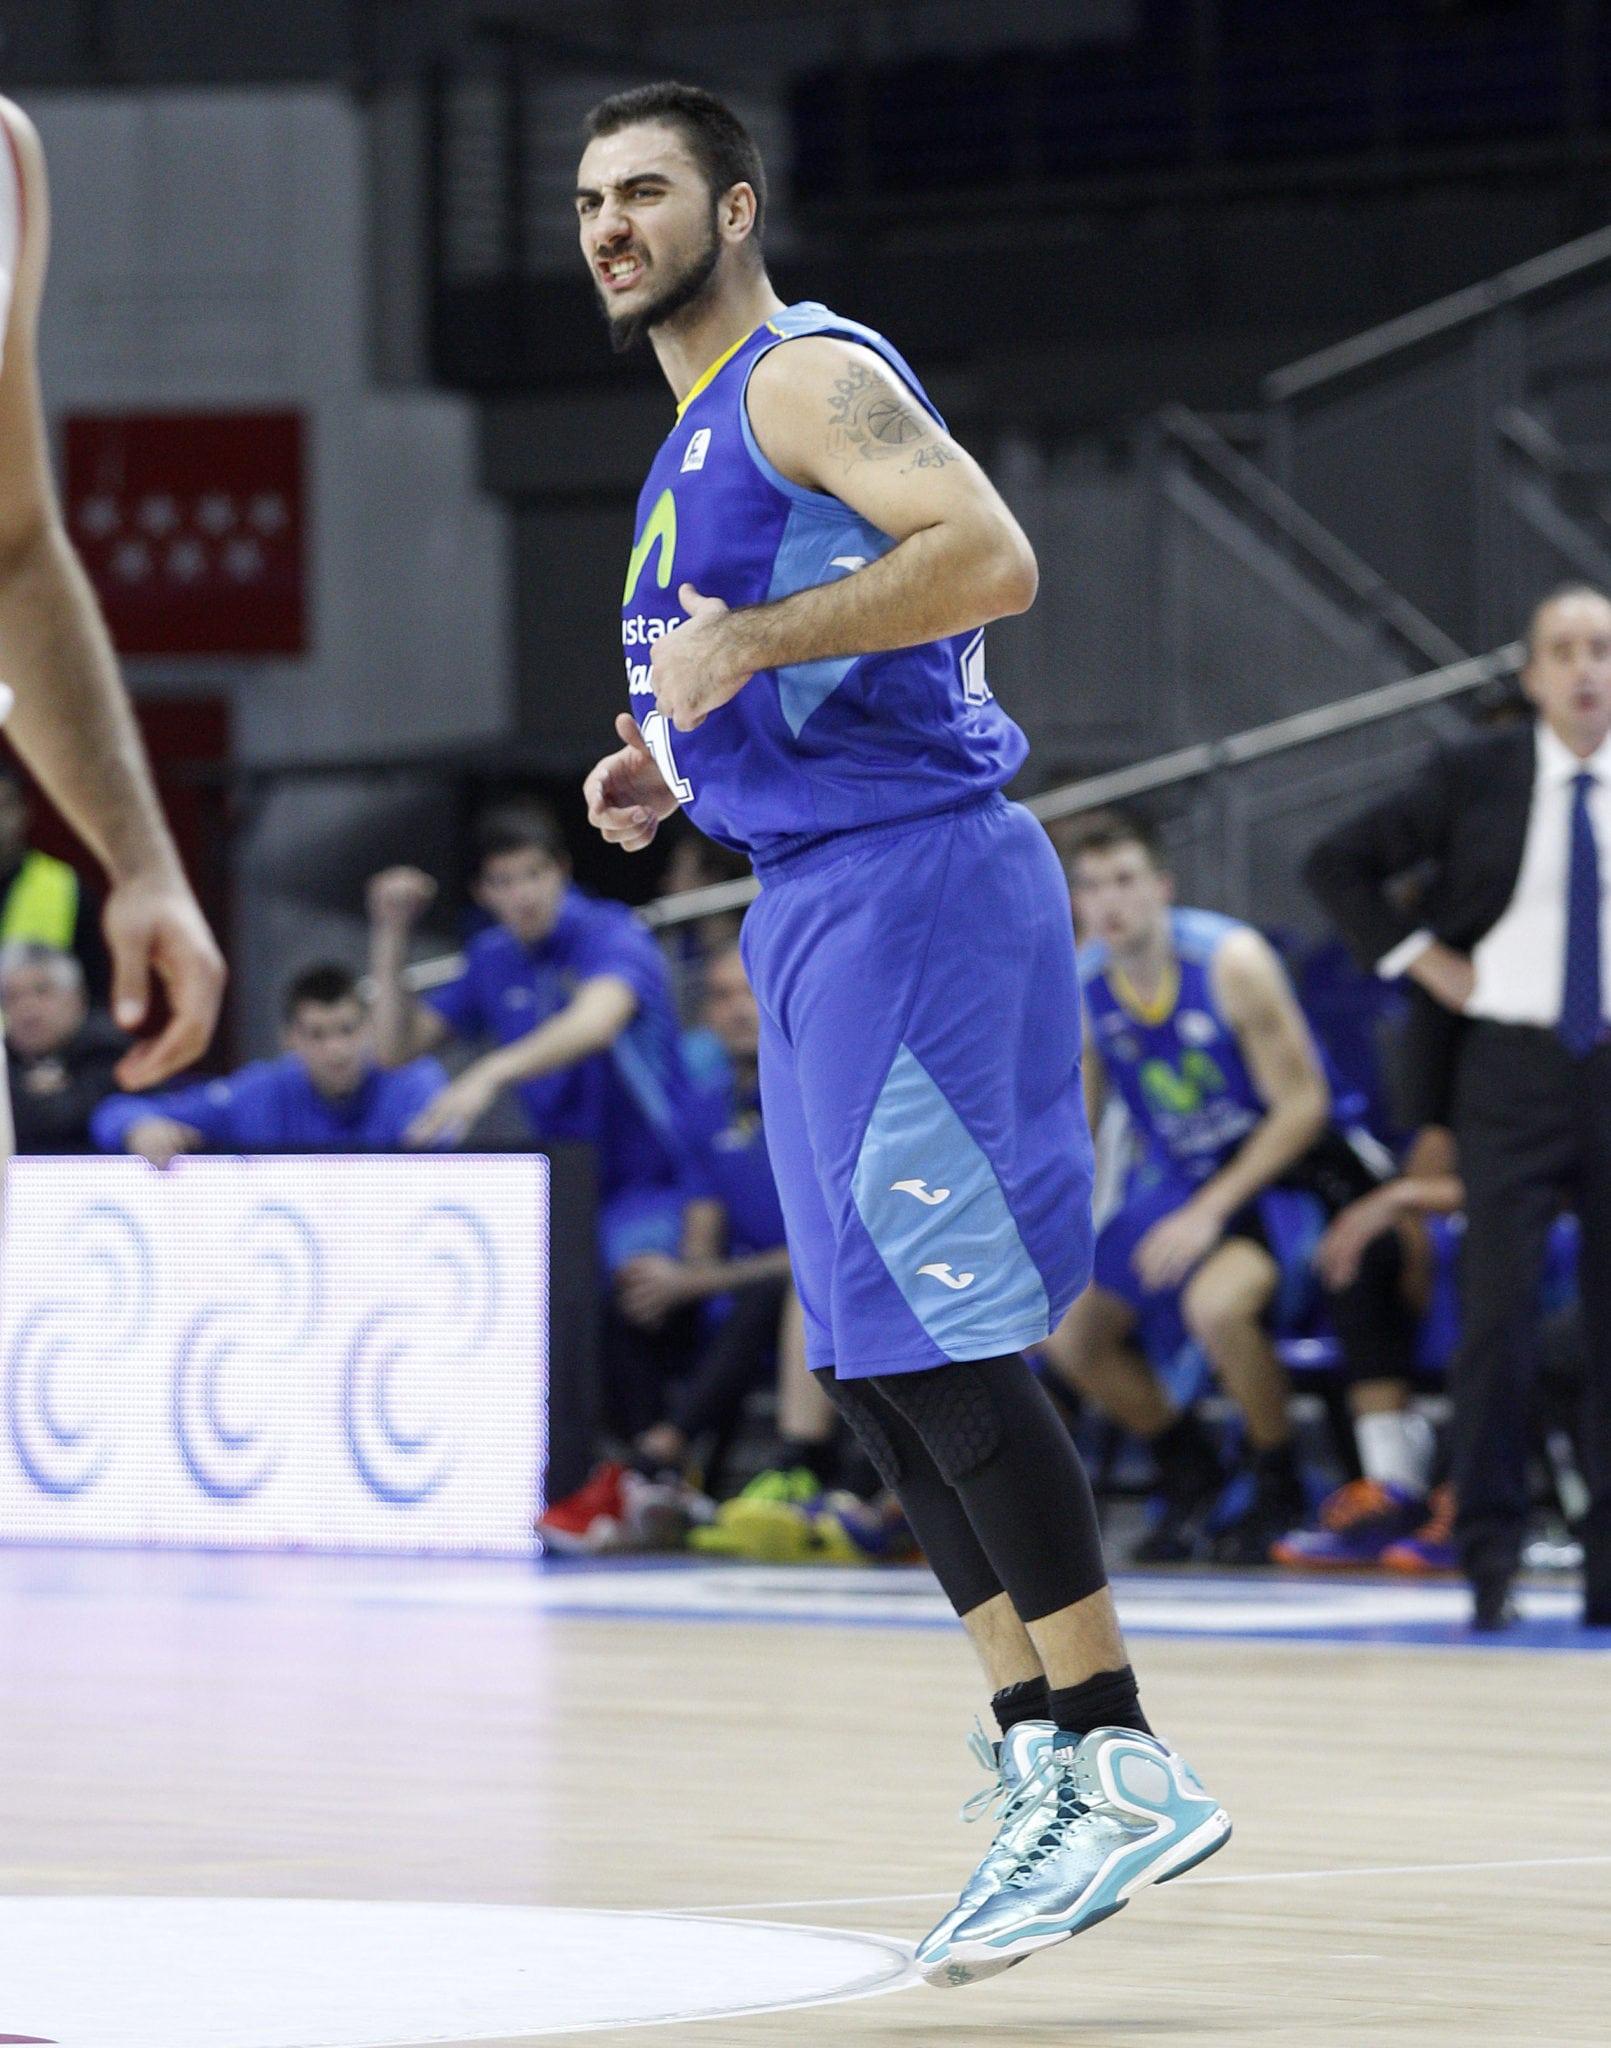 """Pietro Aradori: """"Sé que esta victoria era importante"""". Slokar: """"las dos victorias seguidas ayudarán a nuestra mentalidad"""""""